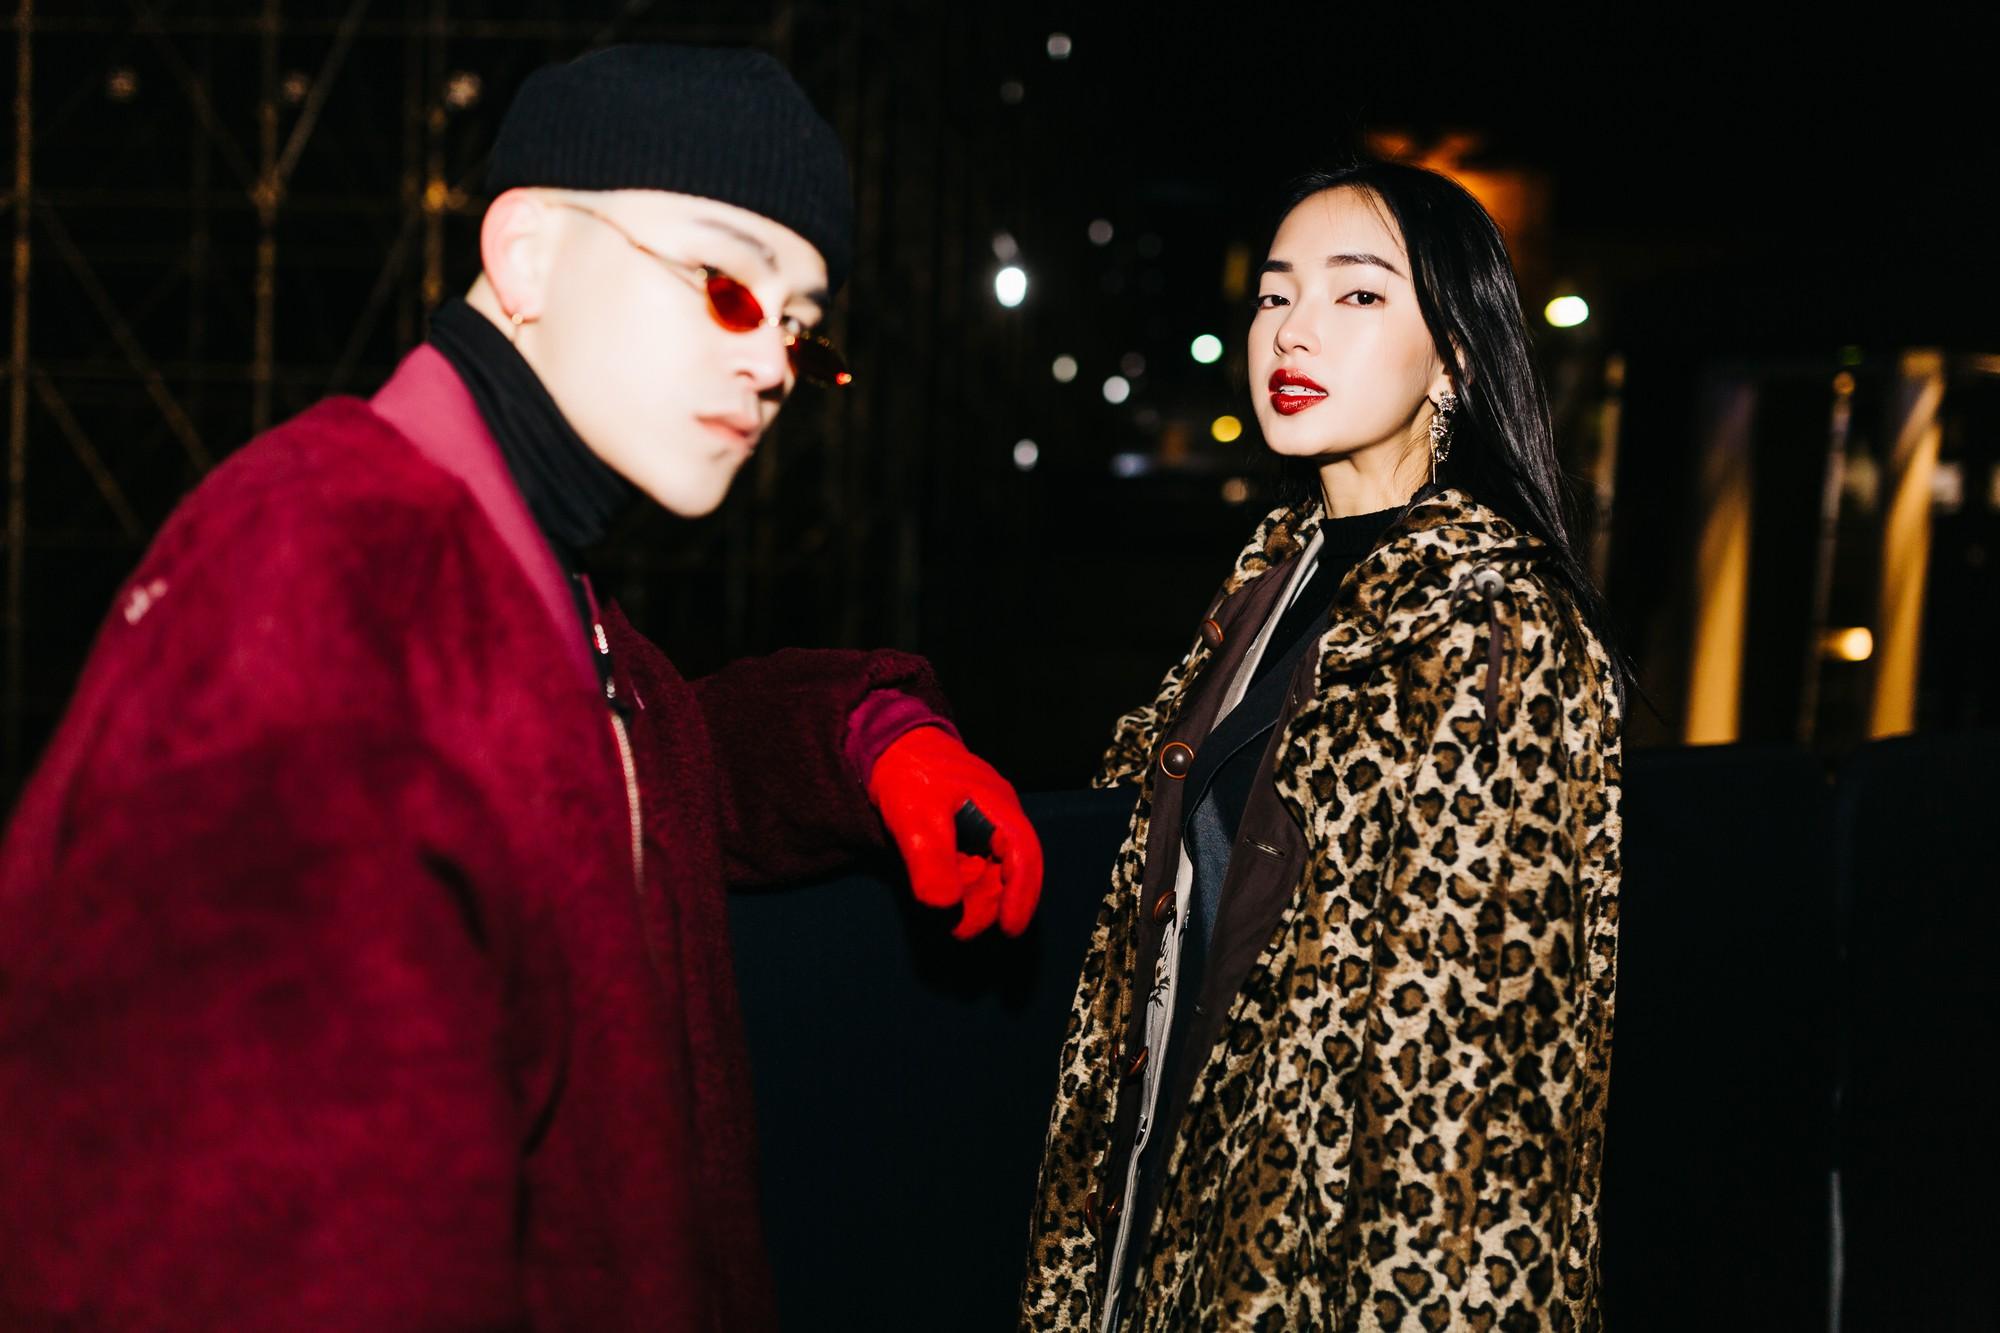 Châu Bùi - Decao tình tứ, sang chảnh dự show Saint Laurent Fall 2018 tại Paris